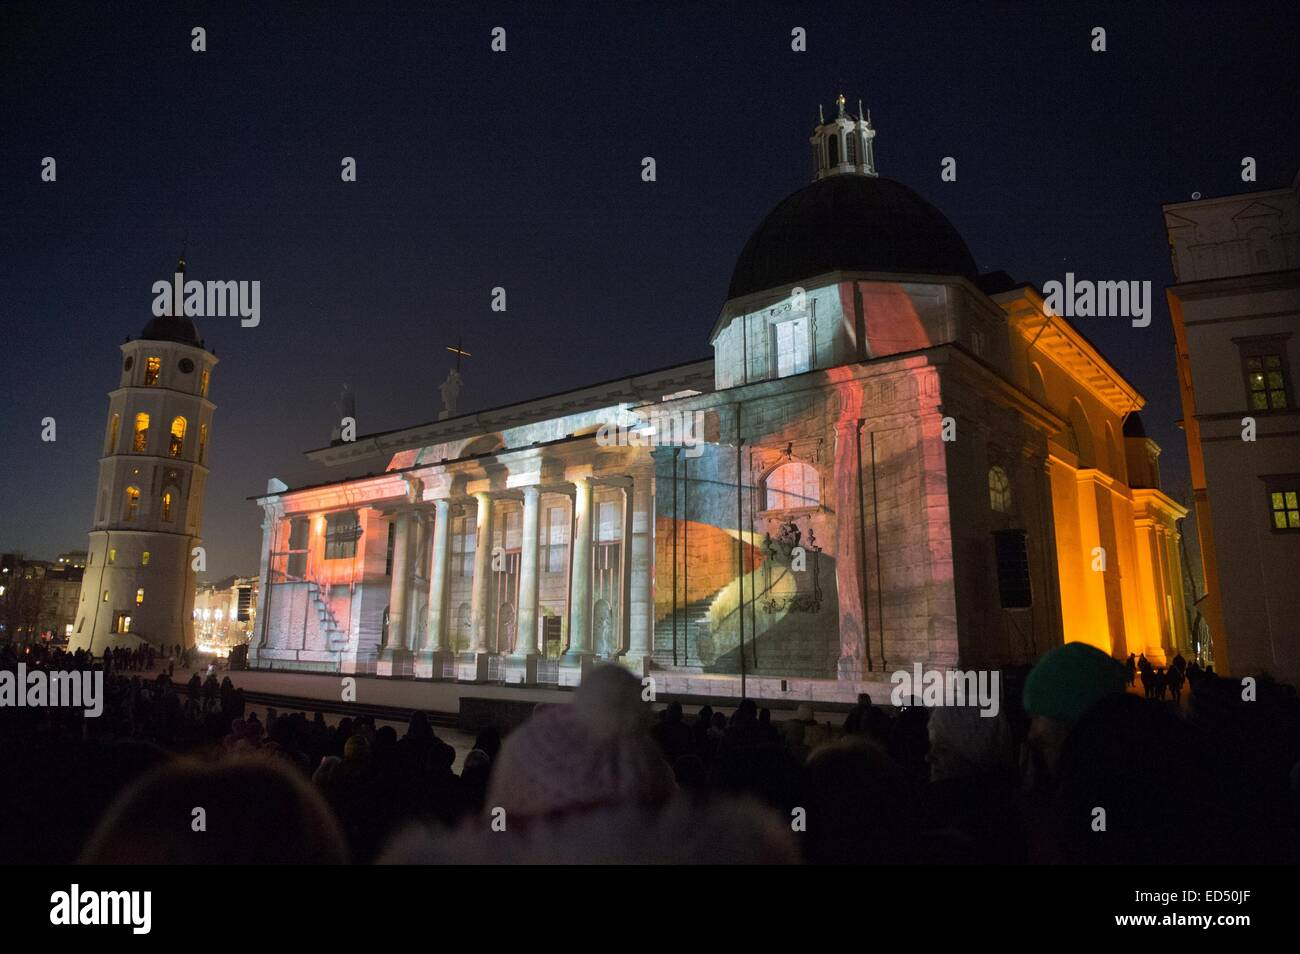 3D Light Show vilnius, lithuania. 27th dec, 2014. people watch a 3d light show